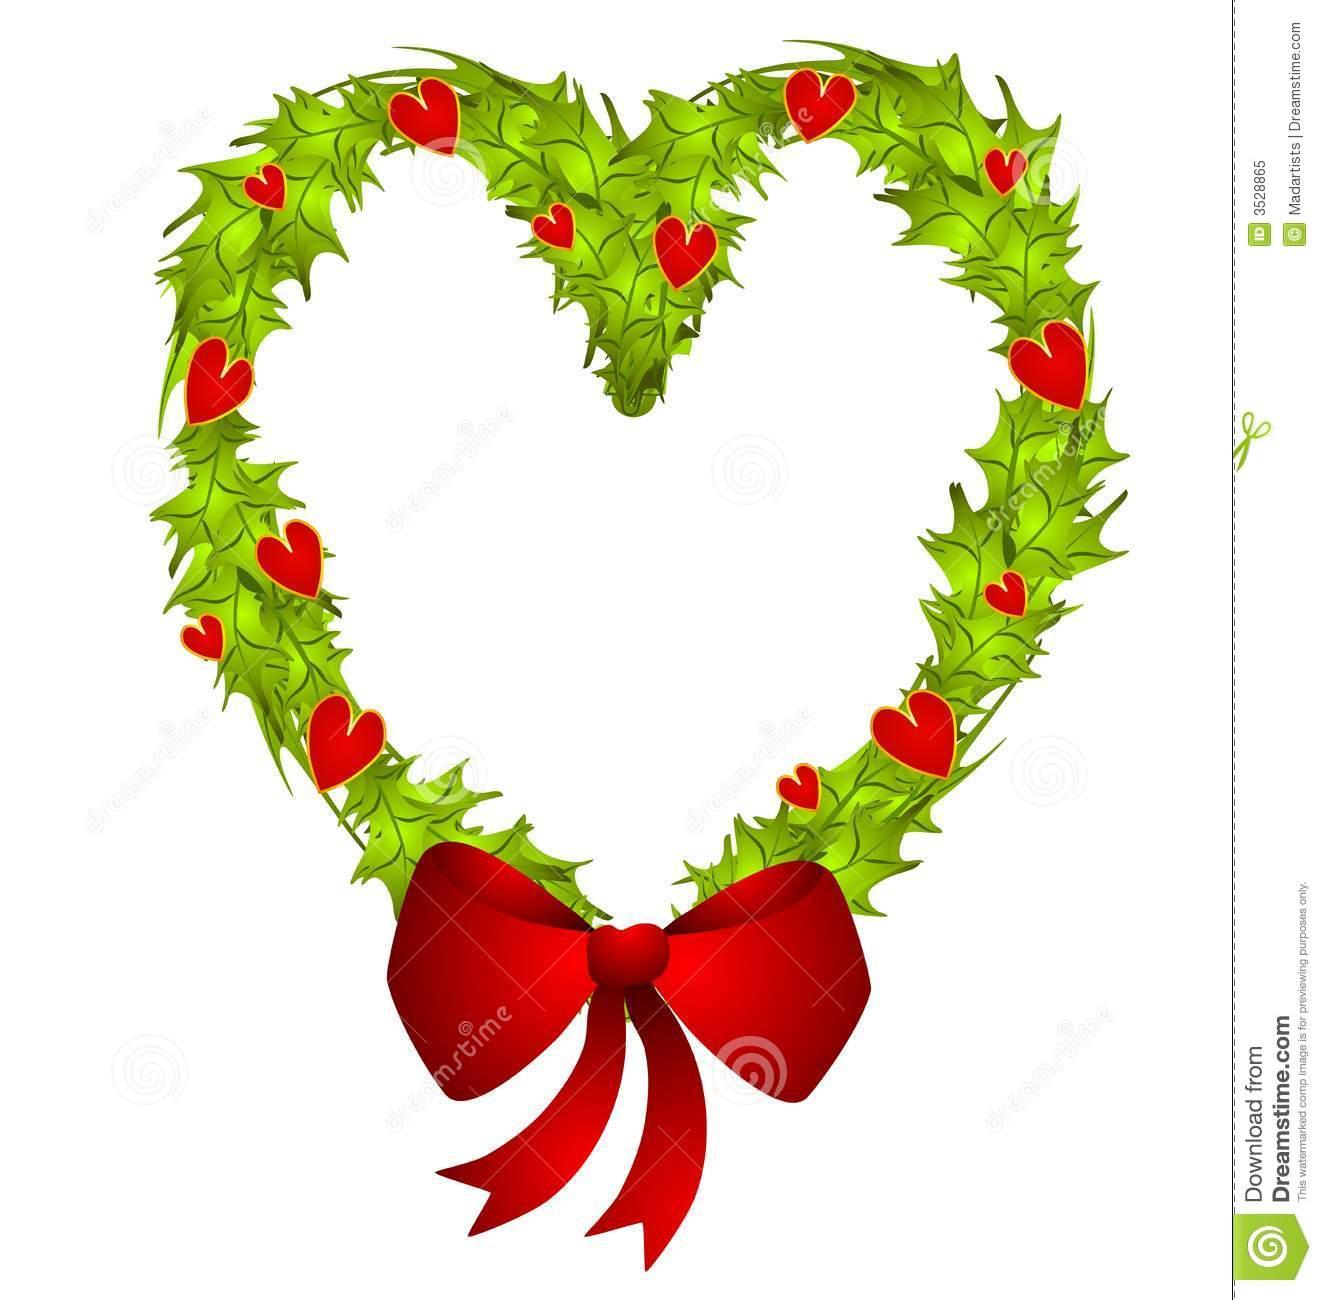 Christmas Heart Clipart.